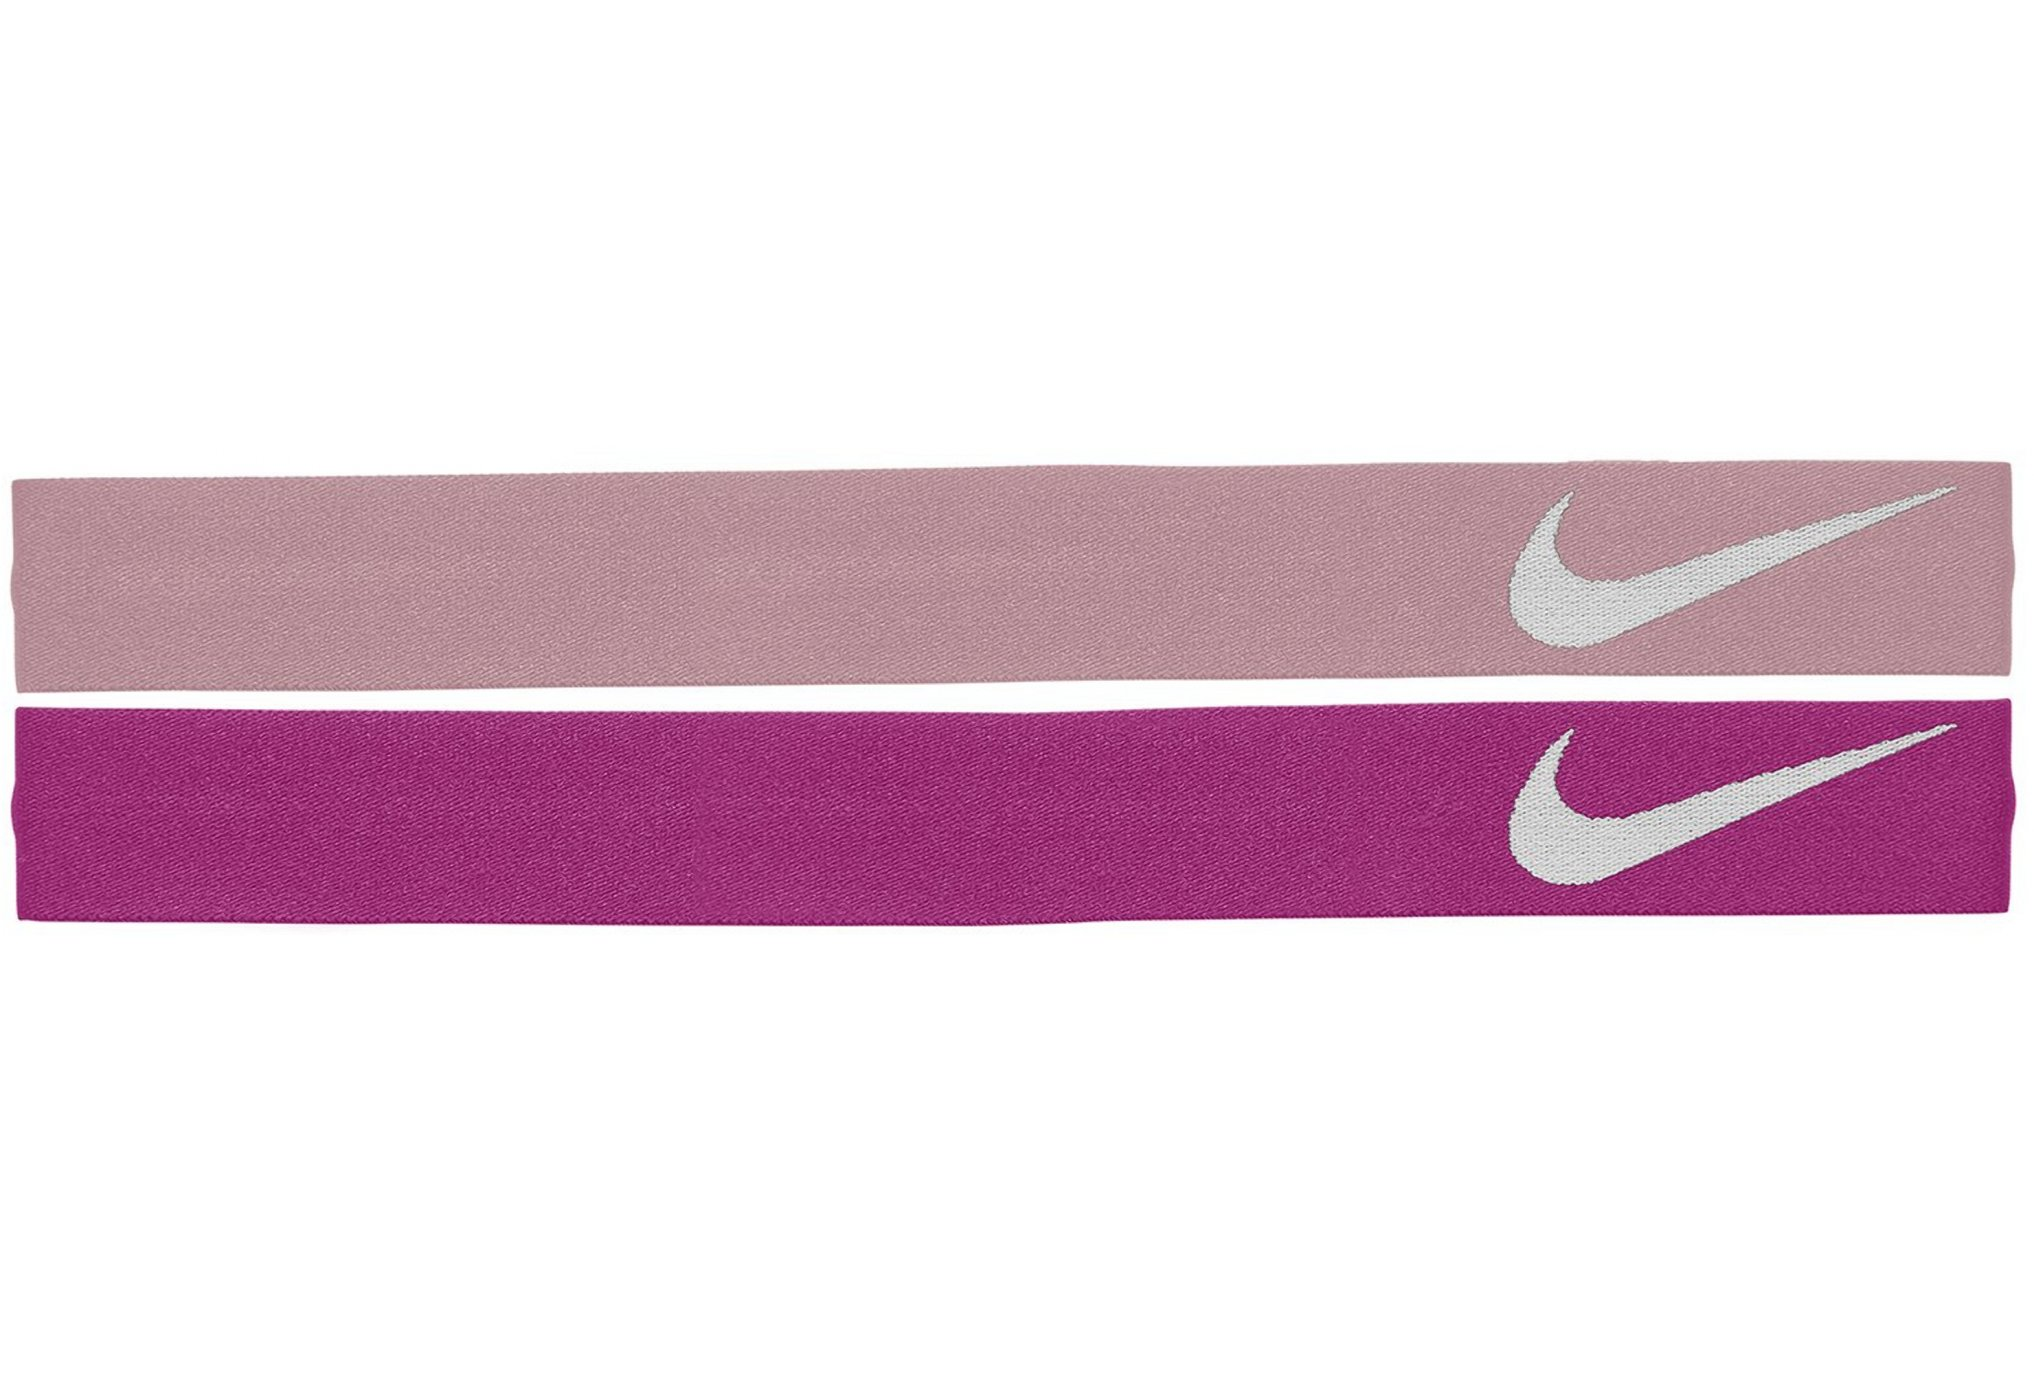 Nike Élastiques Headbands x2 Casquettes / bandeaux